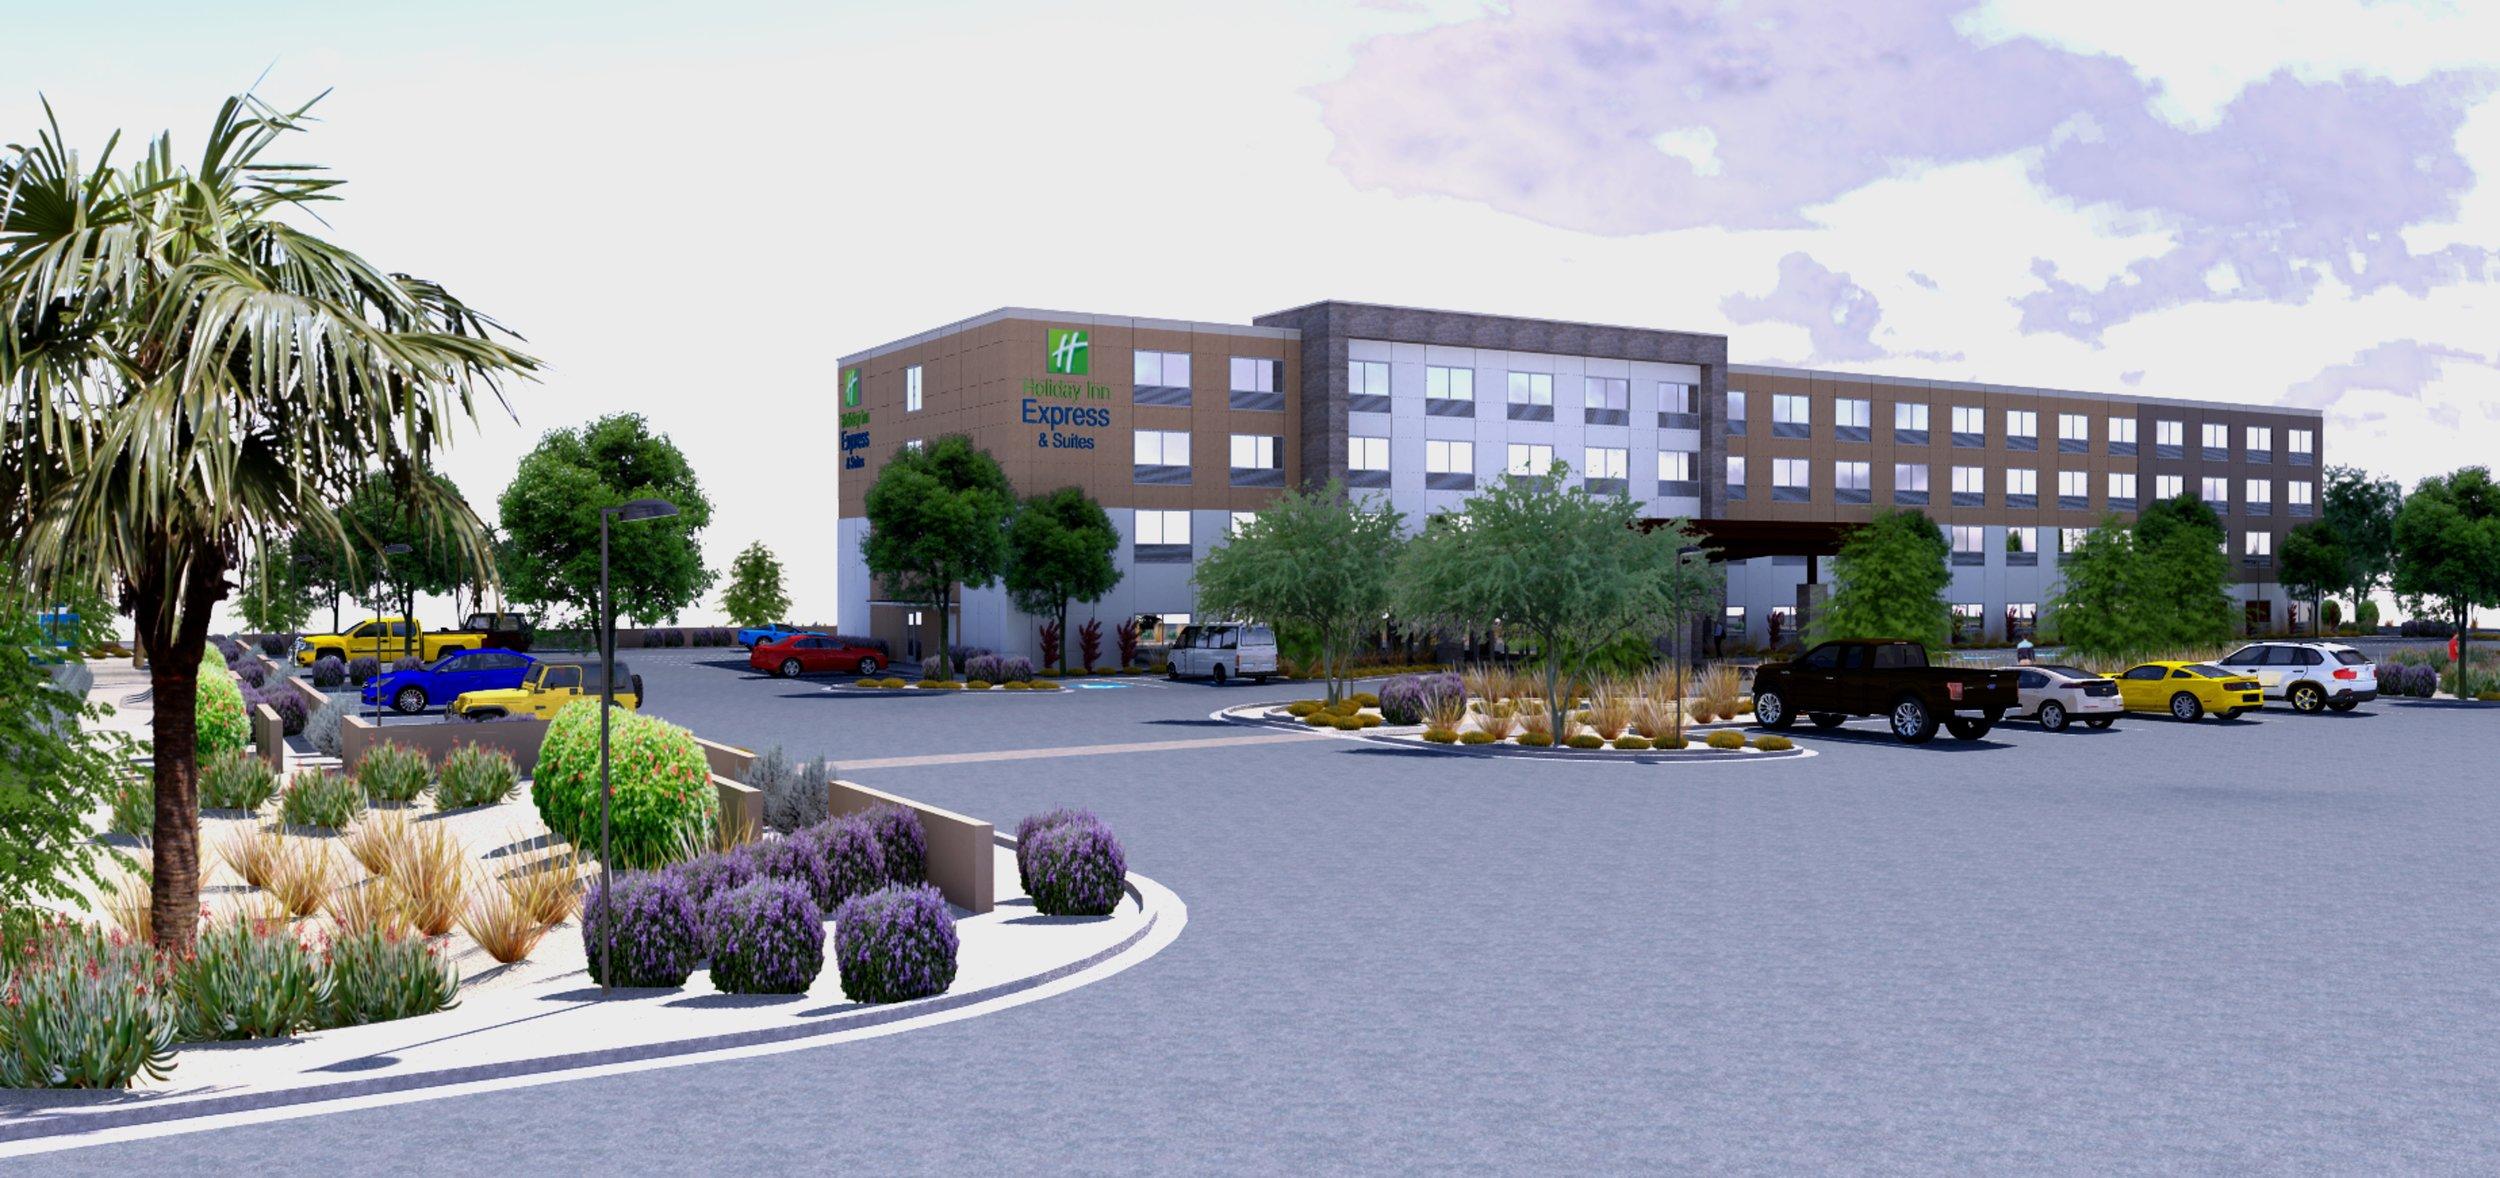 Renderings of Holiday Inn Express Phoenix